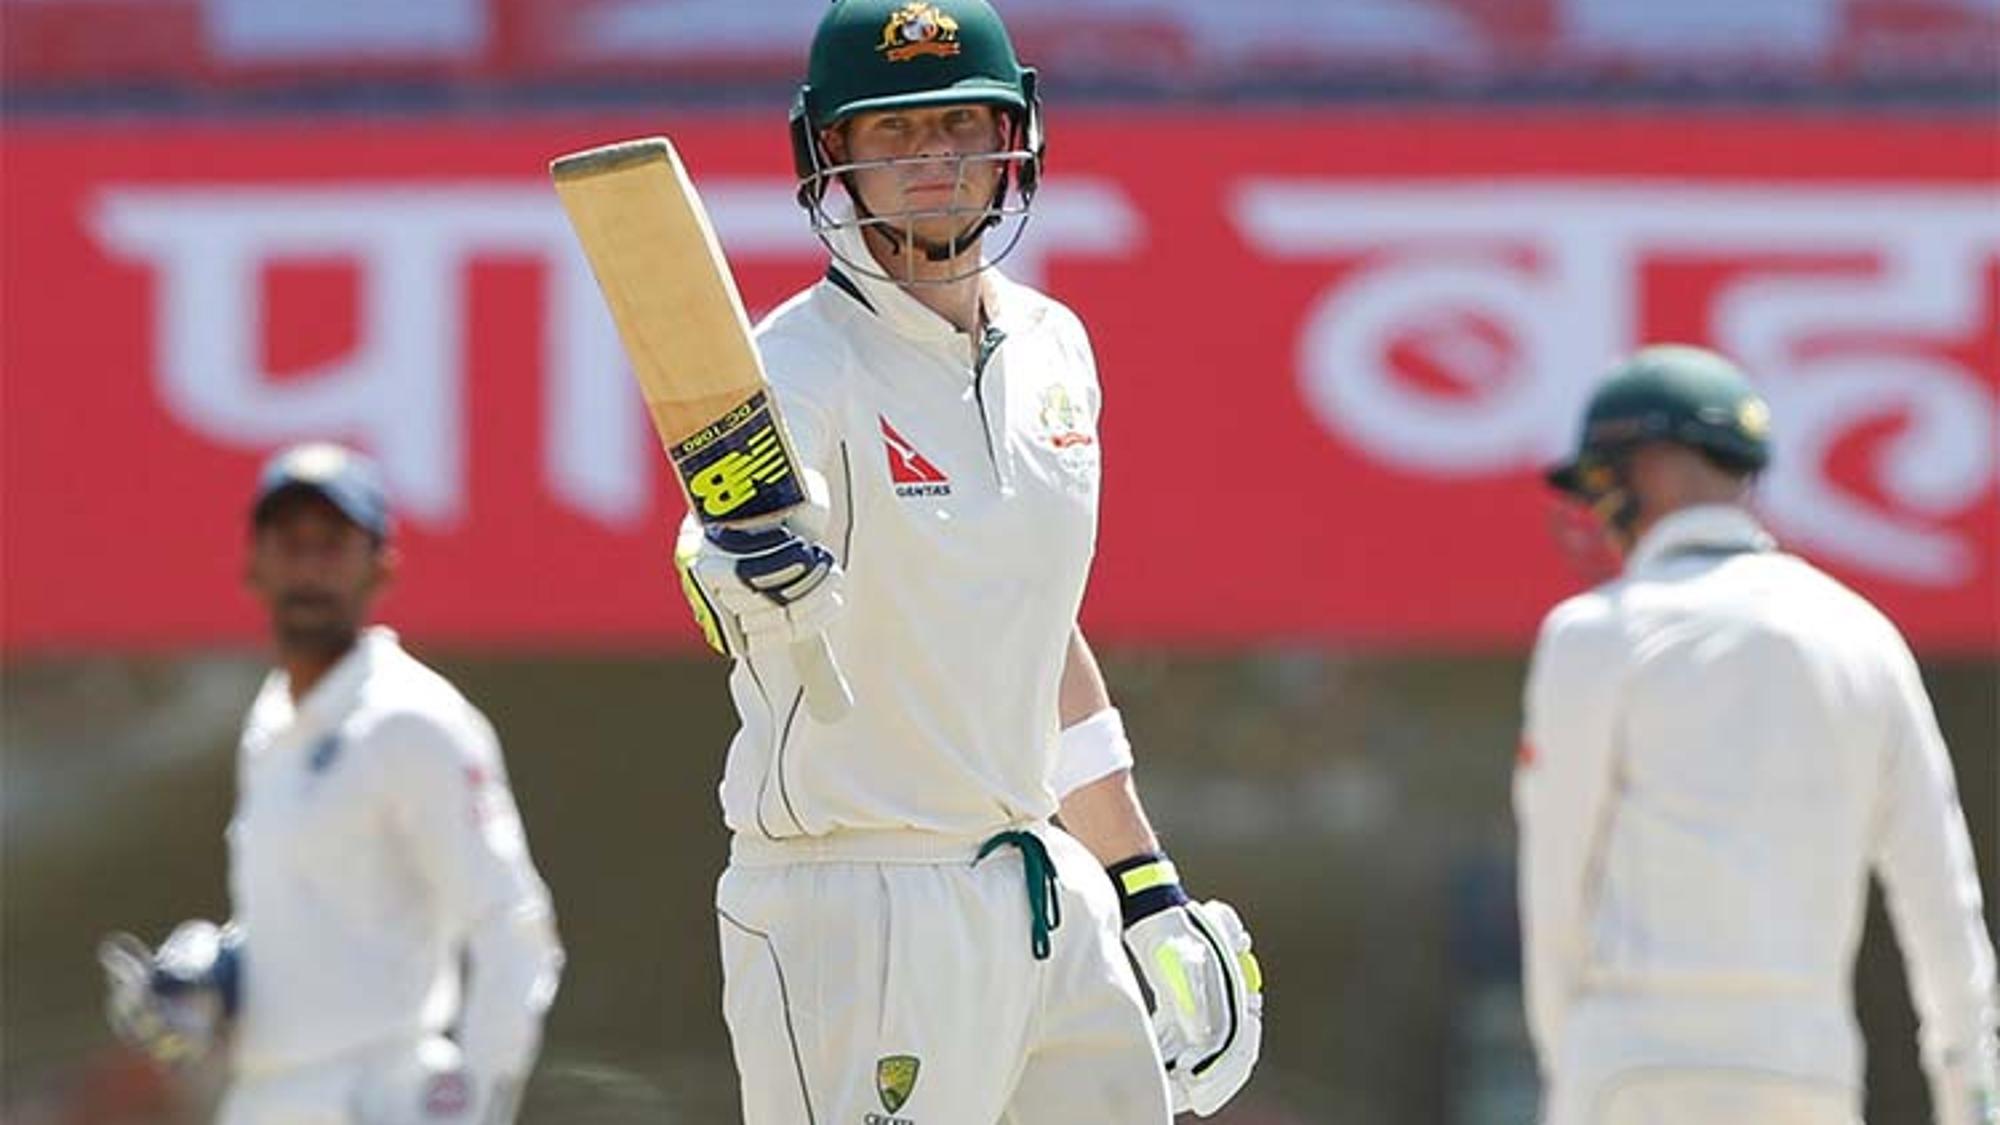 Australia's 800th Test